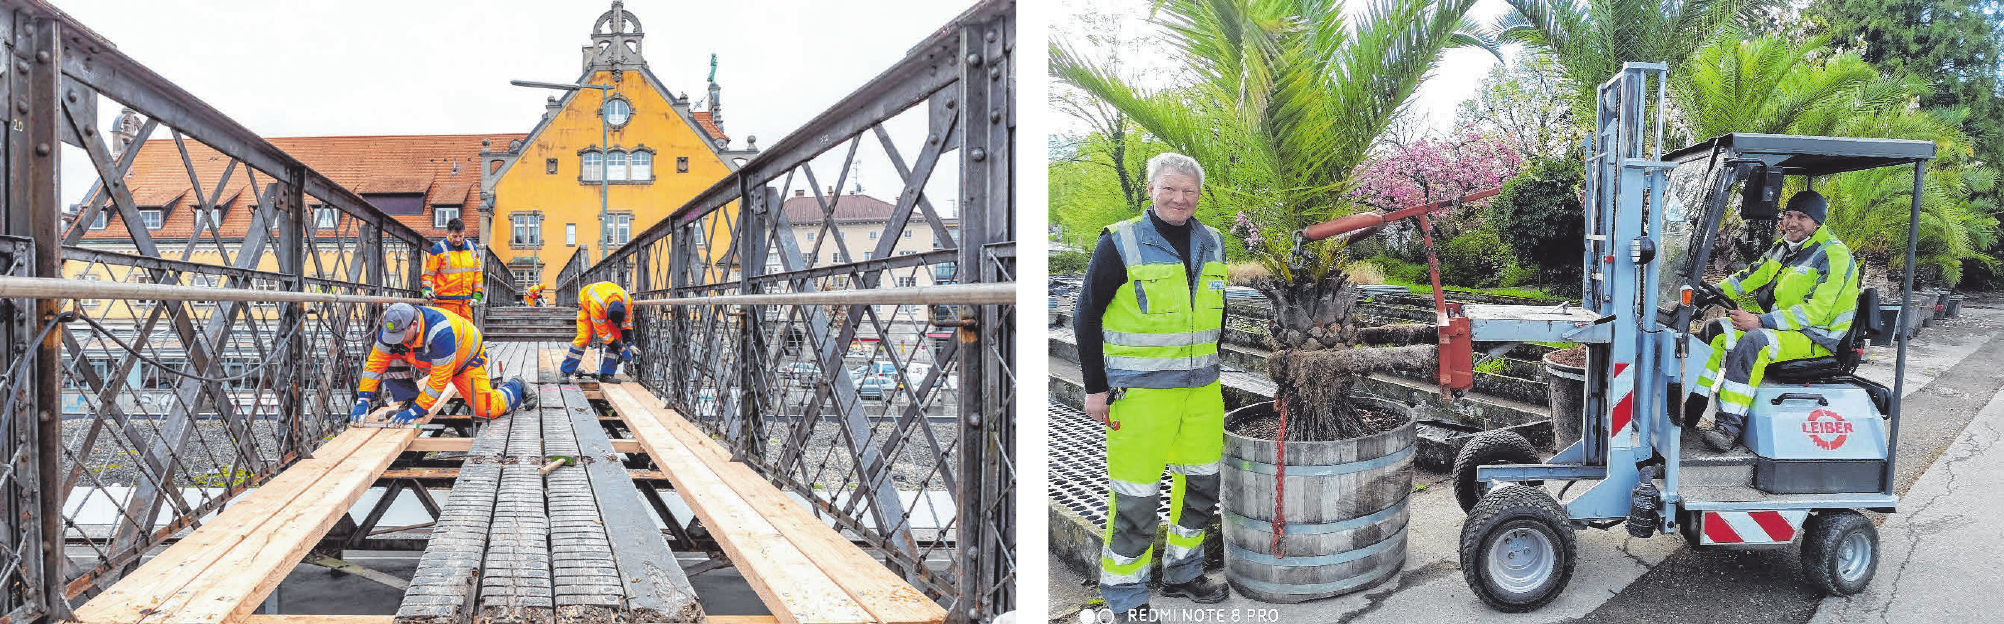 Die GTL kümmern sich im Wesentlichen um die Planung, den Bau und Unterhalt sowie um den Betrieb und die Pflege der öffentlichen Grünflächen- und Tiefbauinfrastruktur der Stadt Lindau. Zu sehen sind hier GTL-Miatarbeiter, die den Ho-Chi-Minh-Pfad über den Schienen auf der Lindauer Insel sanieren (li.) und den Stadtpark mit Palmen bepflanzen. FOTO: STADTGÄRTNEREI LINDAU